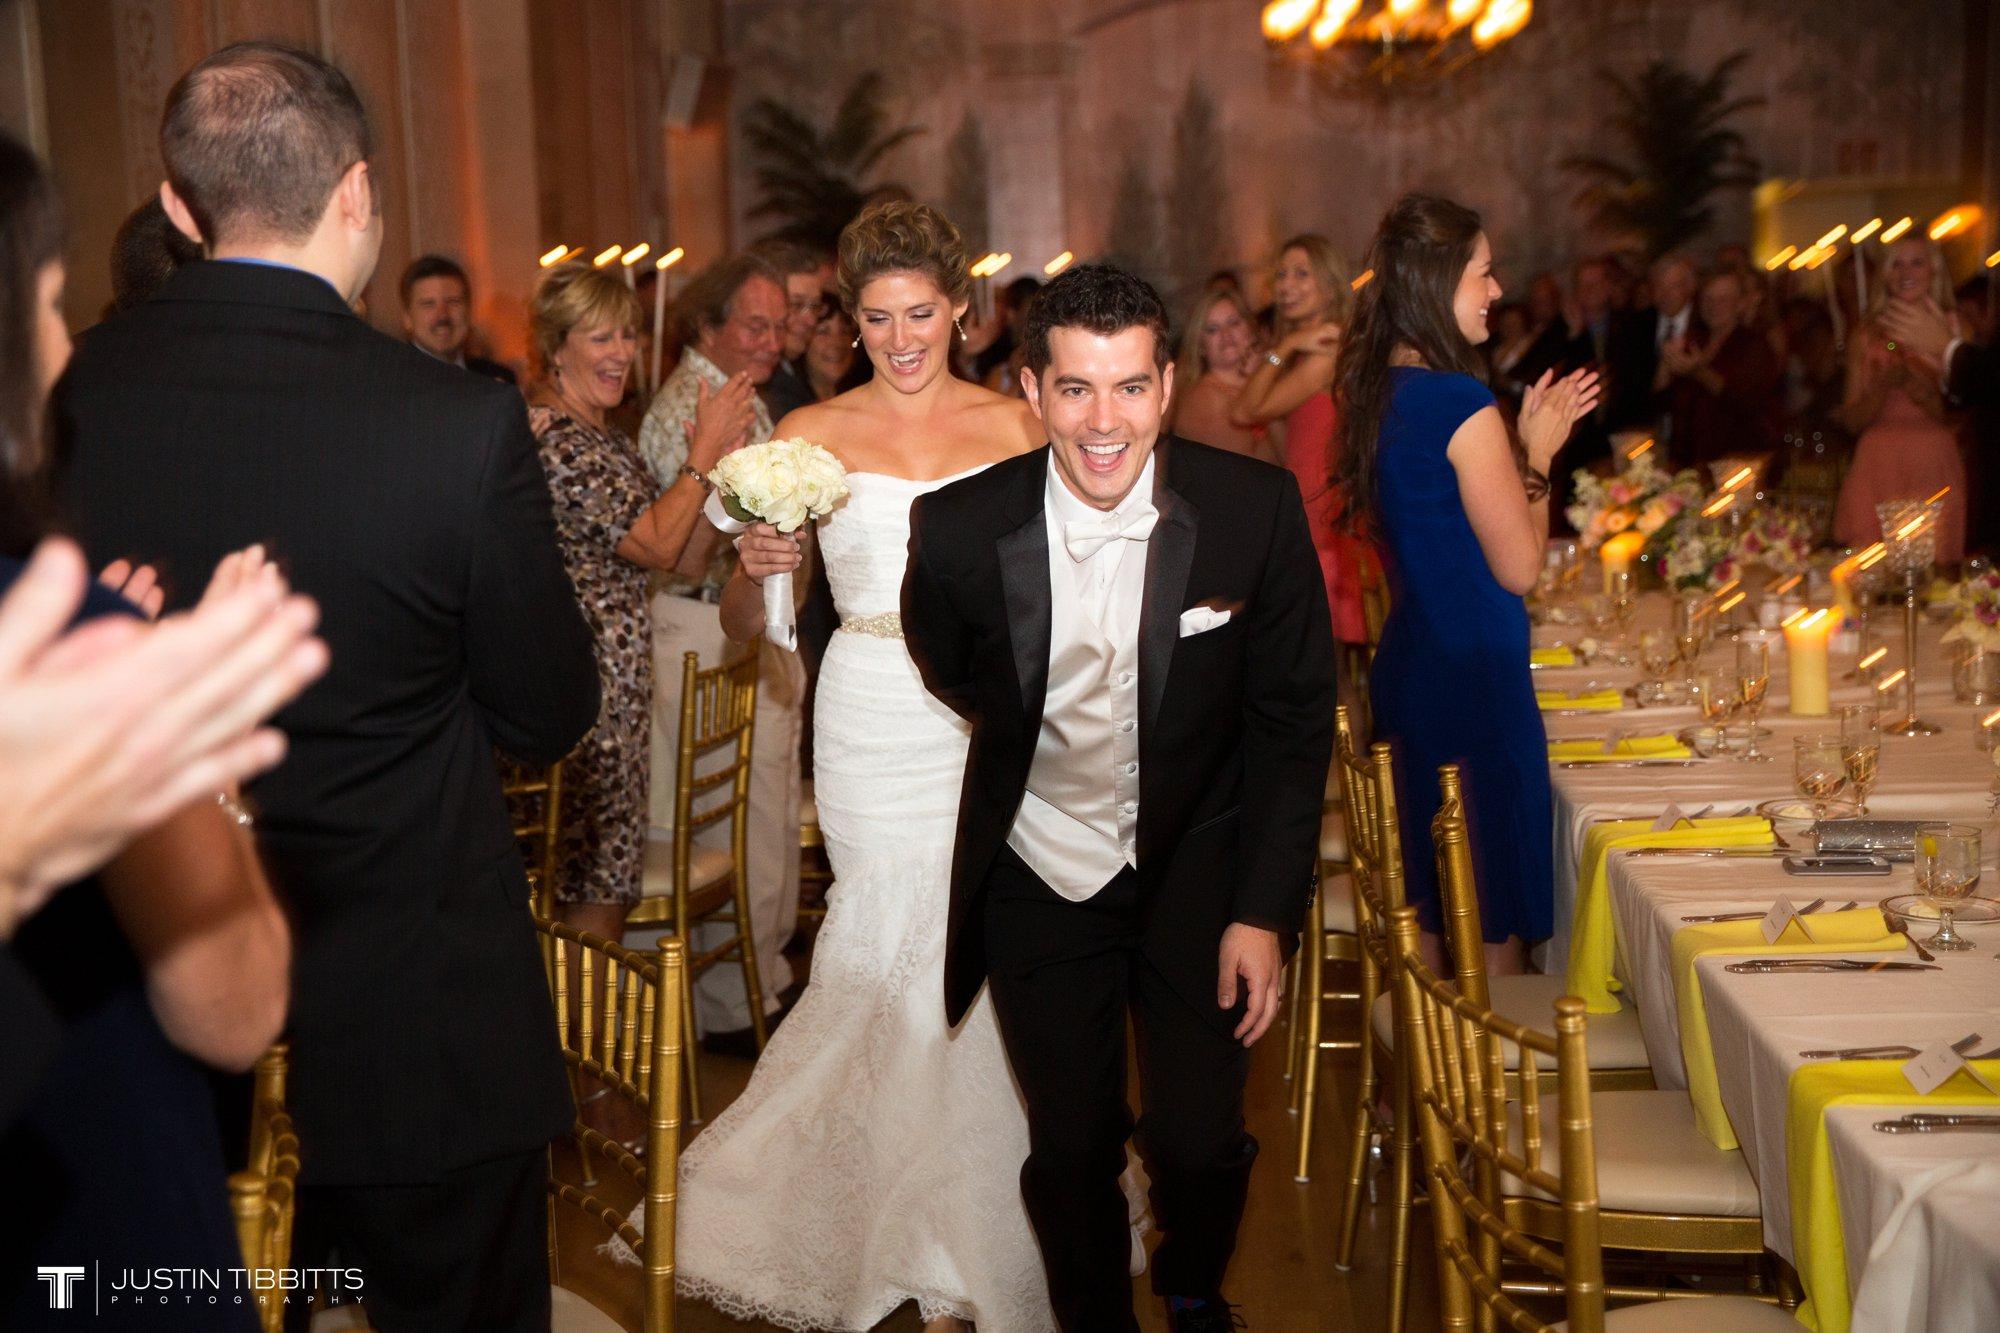 Albany NY Wedding Photographer Justin Tibbitts Photography 2014 Best of Albany NY Weddings-267Albany NY Wedding Photographer Justin Tibbitts Photography Albany NY Best of Weddings27